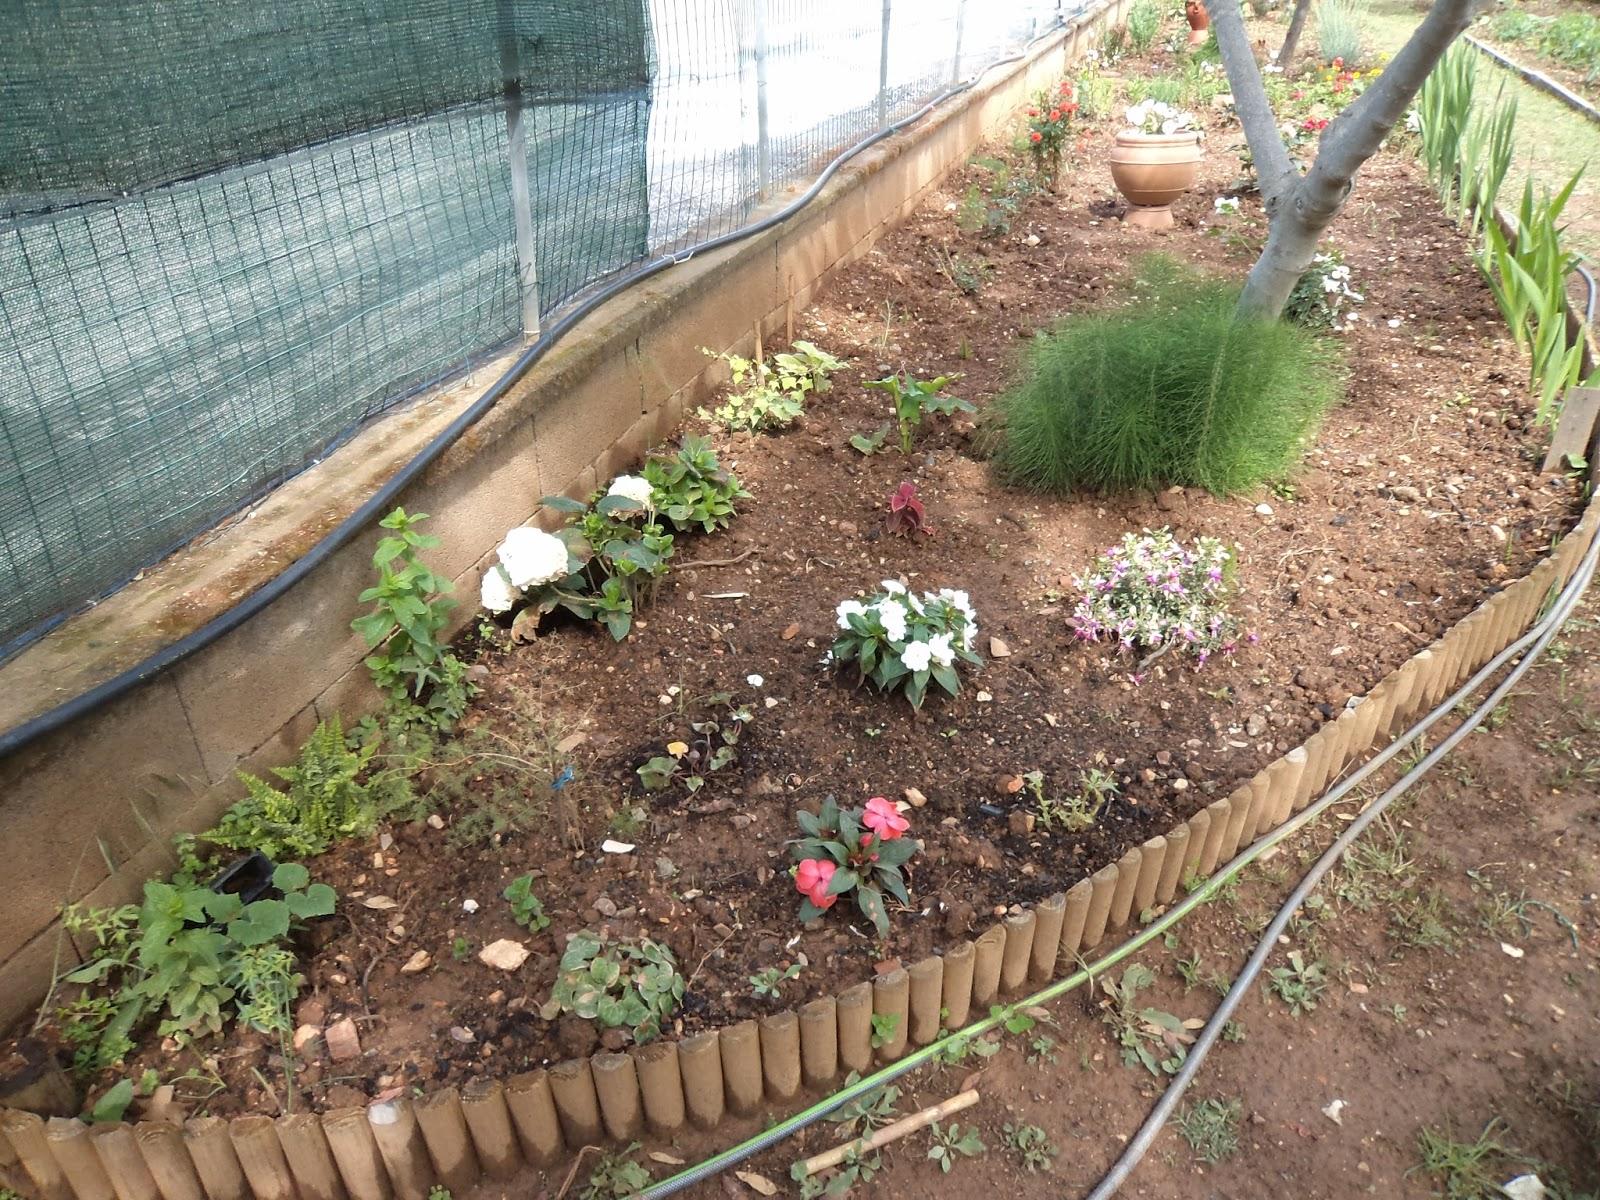 I giardini di carlo e letizia giugno 2015 for Orto giardino